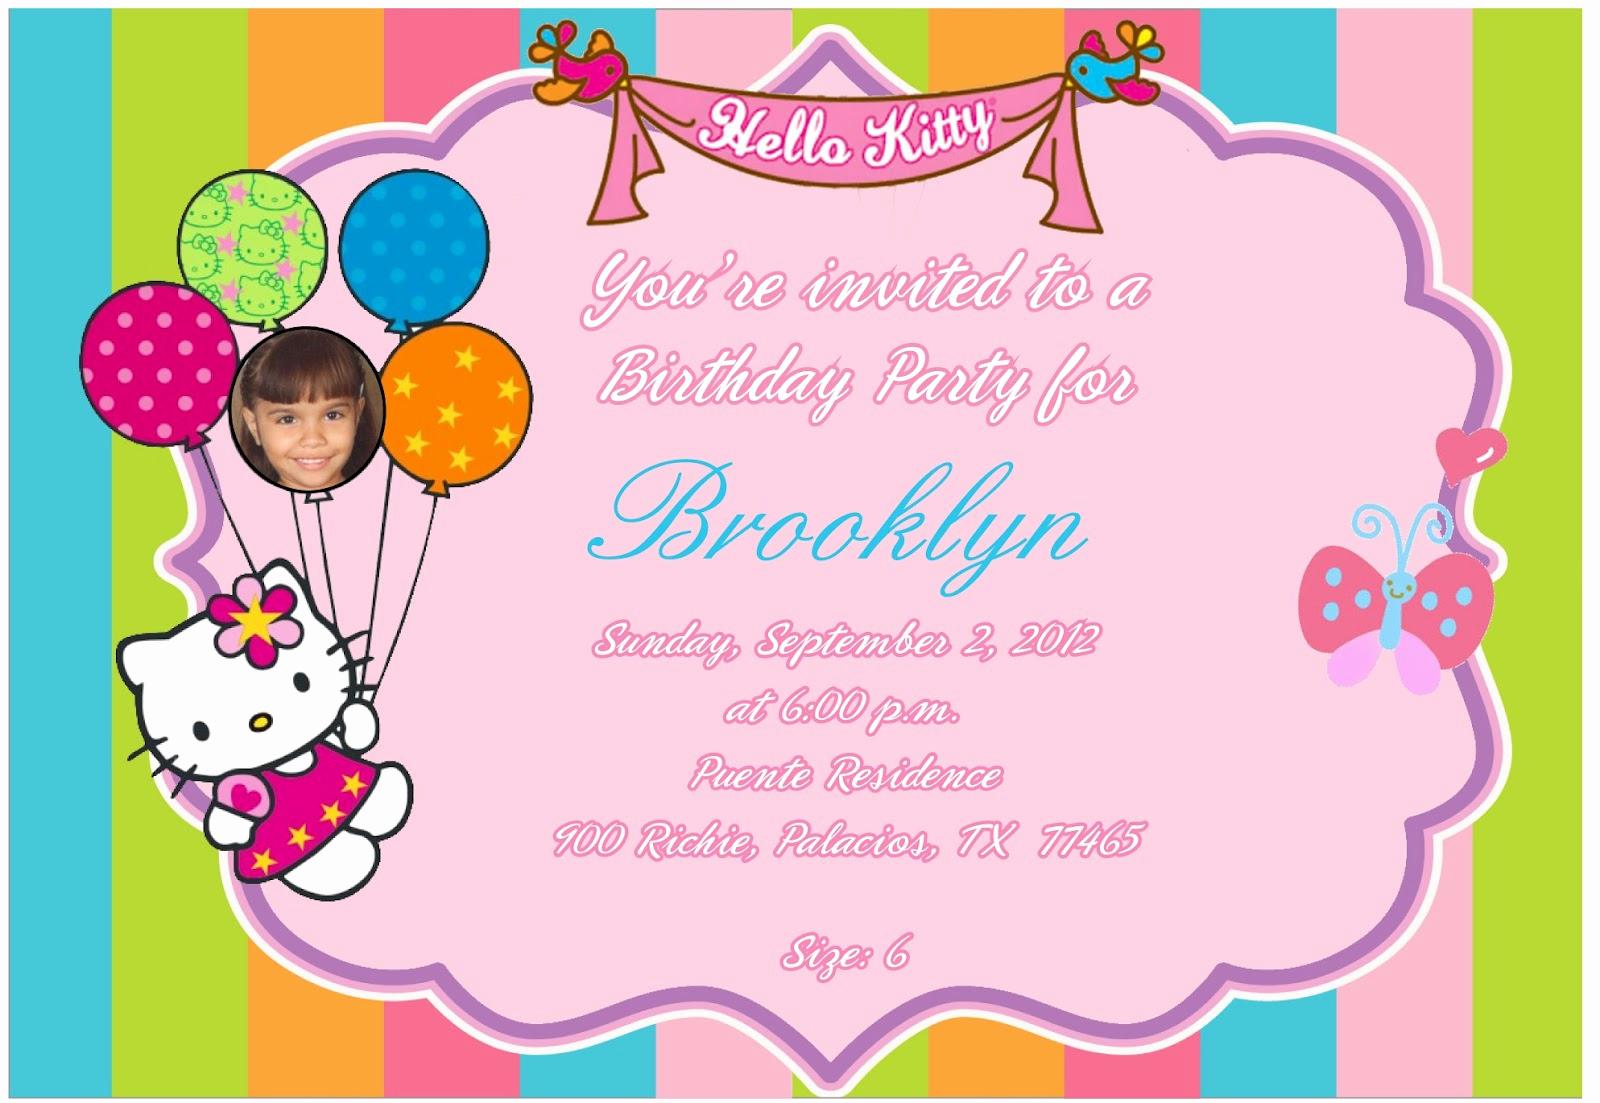 Hello Kitty Invitation Templates Unique 3 Monkeys and More Hello Kitty Invitation